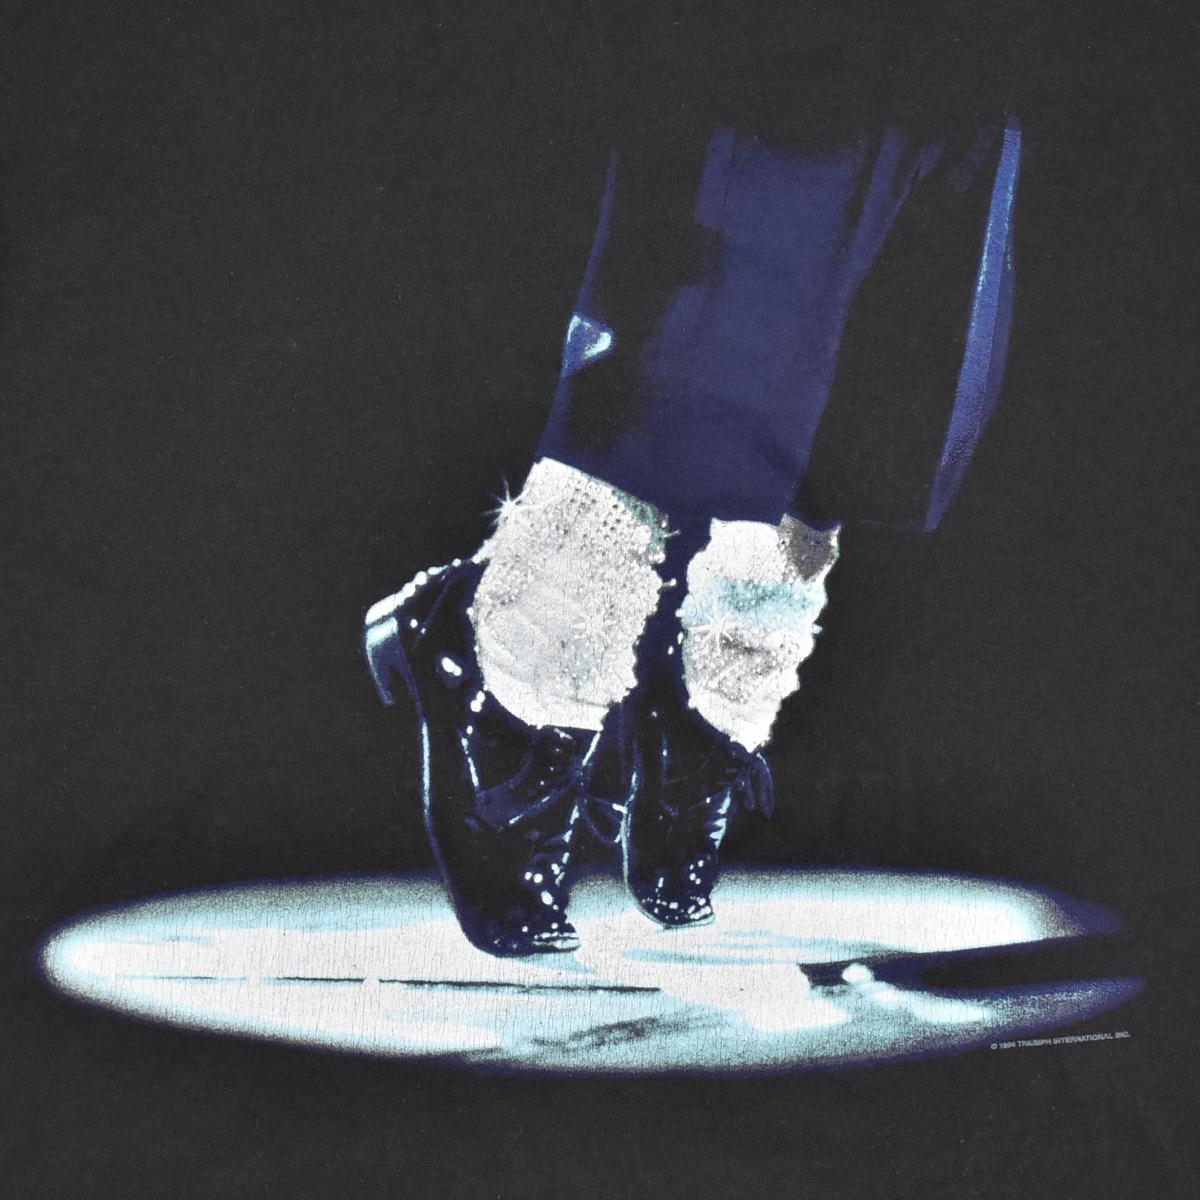 Michael Jackson マイケルジャクソン ★ リー Leeボディ USA製 ヴィンテージ 90s 1994 HISTORY コピーライト有 半袖 Tシャツ 黒 L_画像6